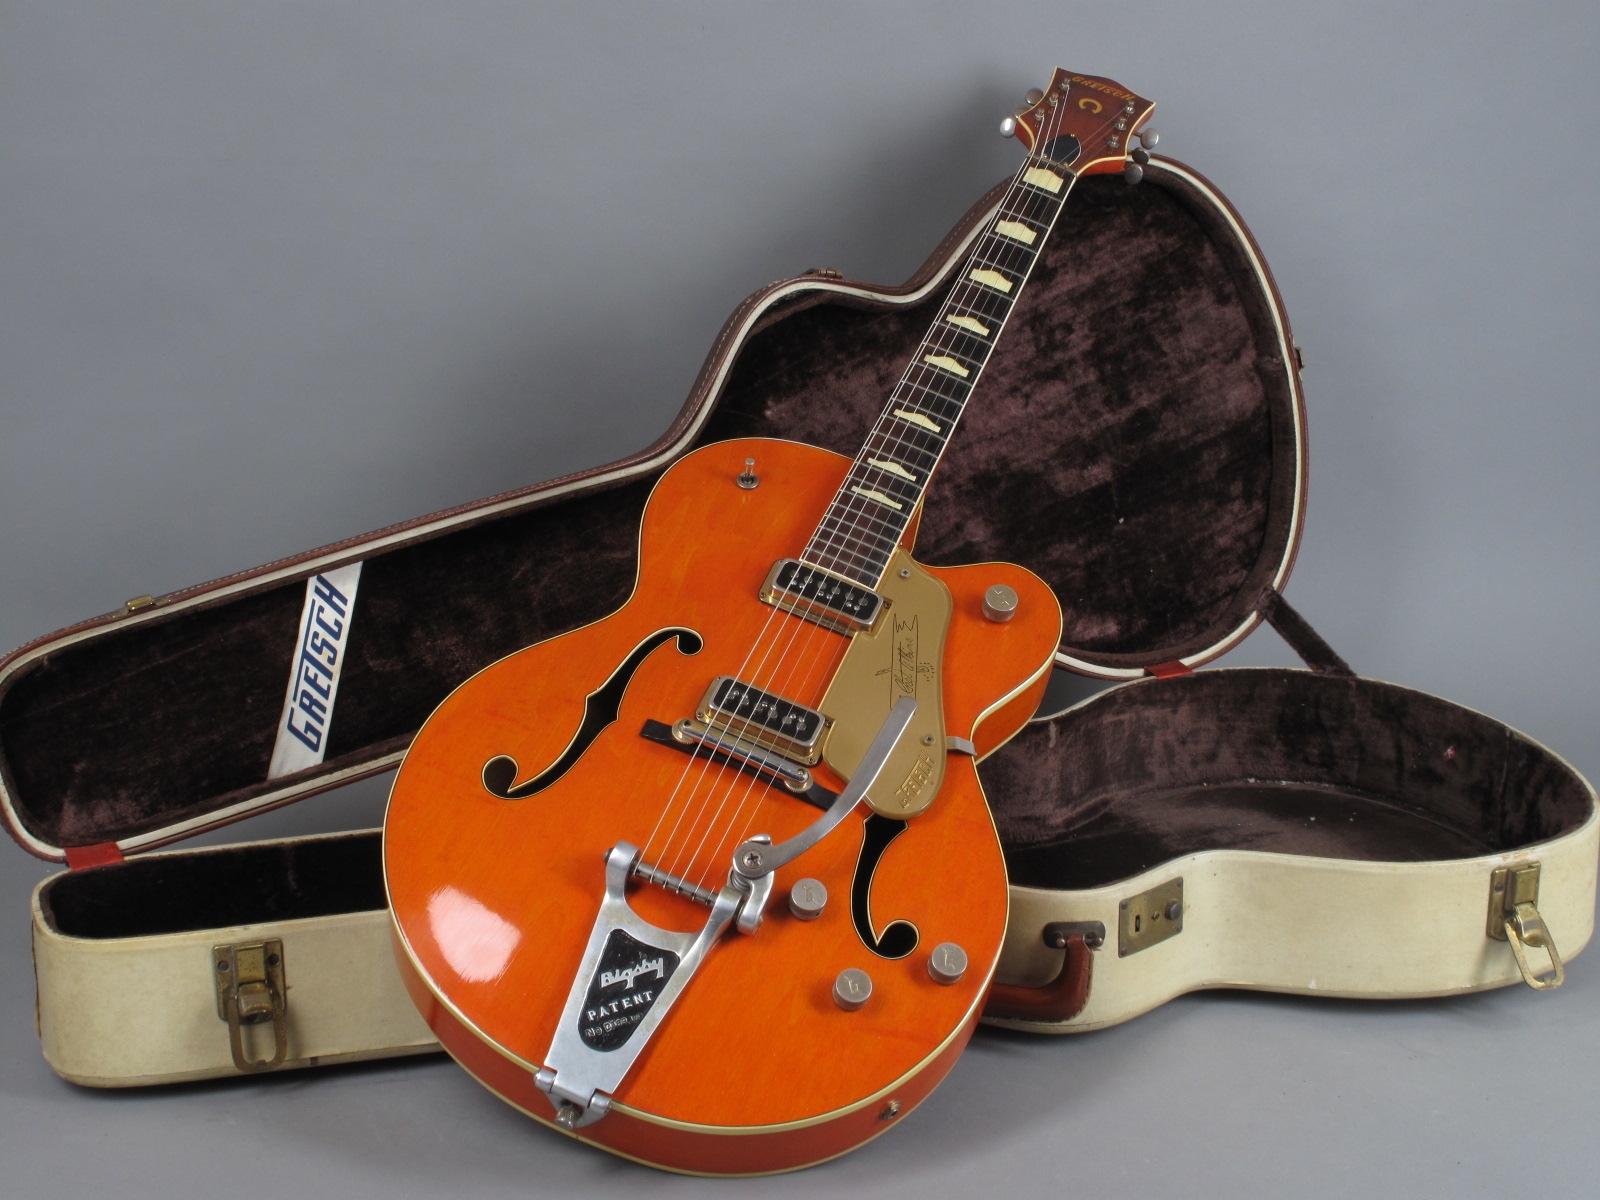 https://guitarpoint.de/app/uploads/products/1957-gretsch-6120-chet-atkins-orange/1957-Gretsch-6120-Orange-25332-18.jpg